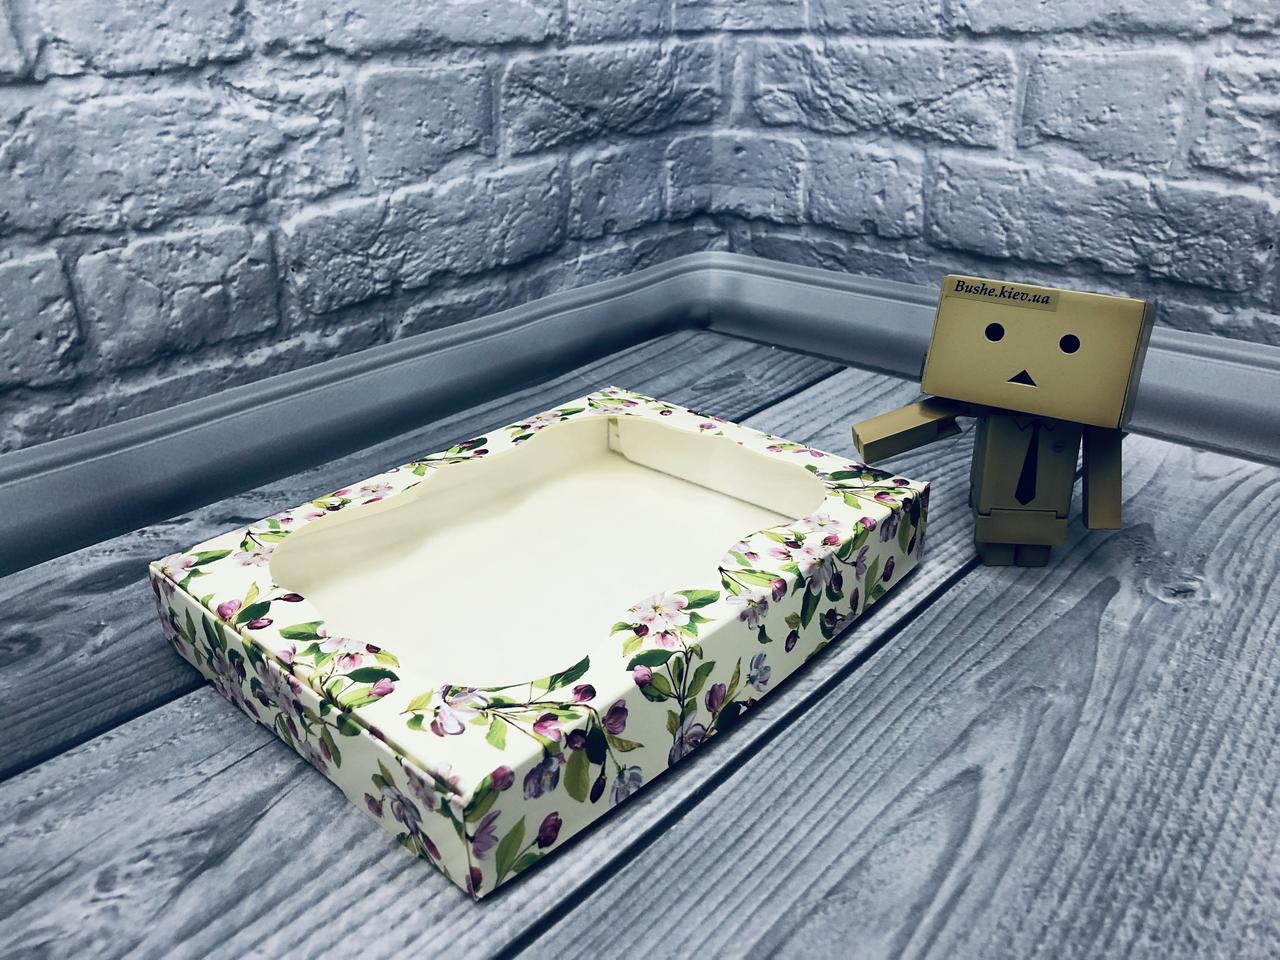 *10 шт* / Коробка для пряников / 150х200х30 мм / печать-Весна / окно-обычн / лк / цв